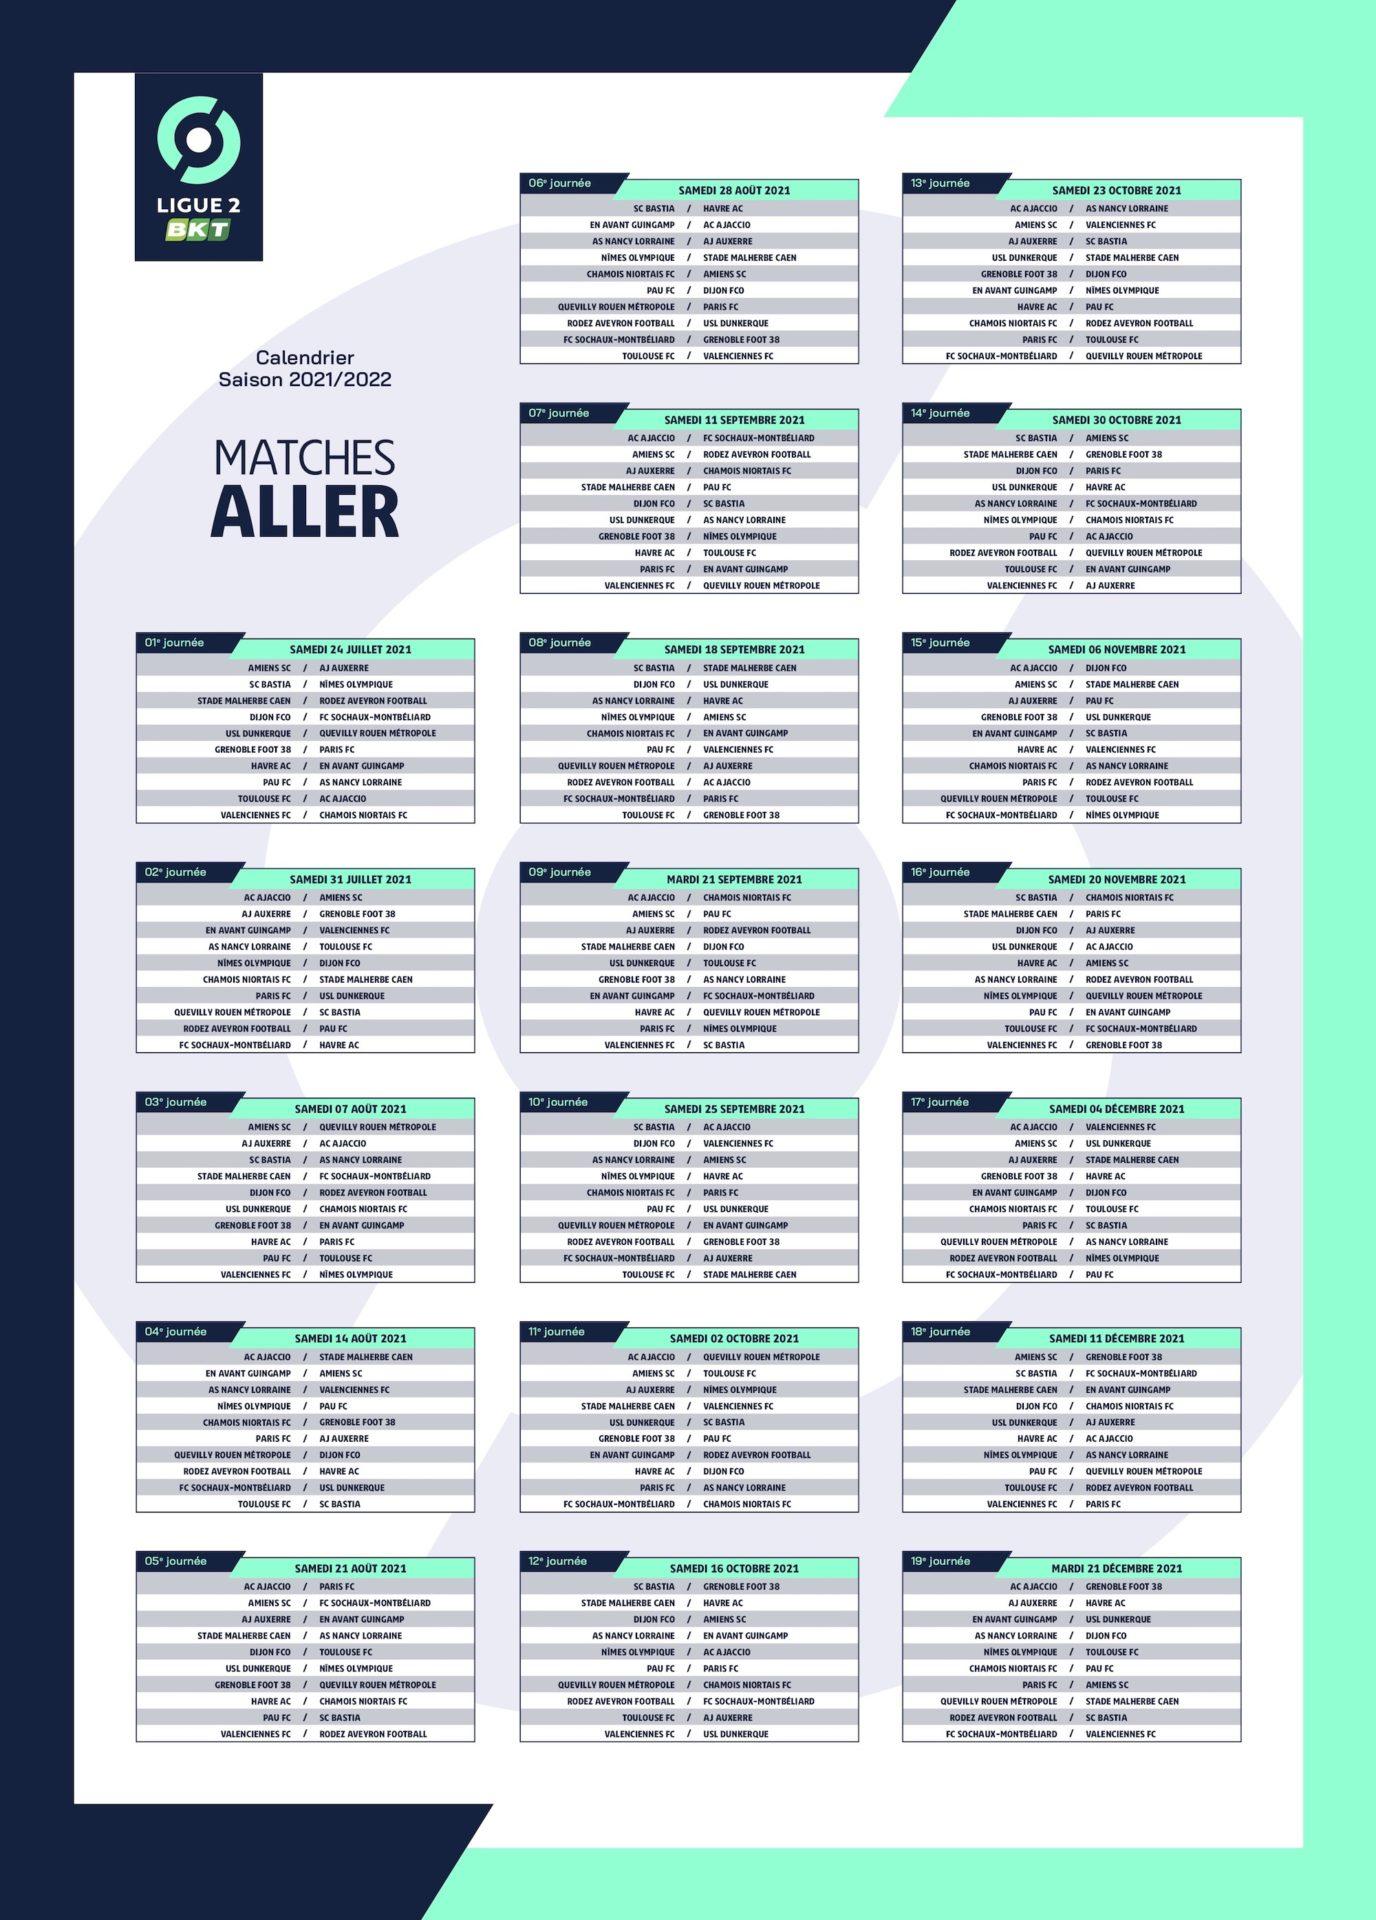 Calendrier 2022 Ligue 2 LIGUE 2 BKT LE CALENDRIER SAISON 2021 2022   NORDSPORTS MAG